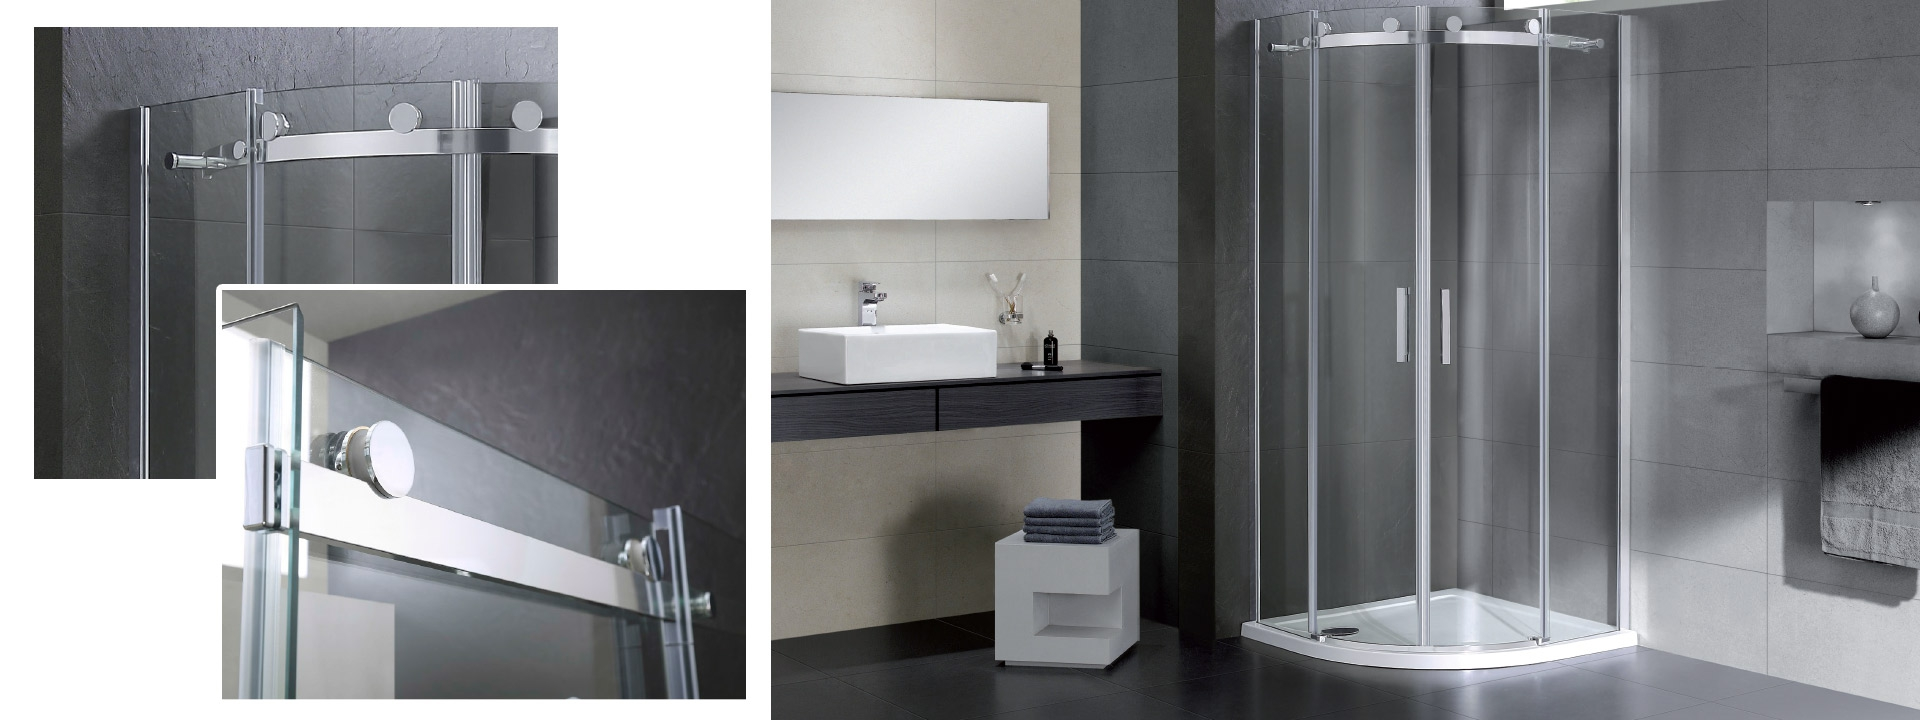 Обзавеждане за баня, душ кабина за баня цена, паравани за баня